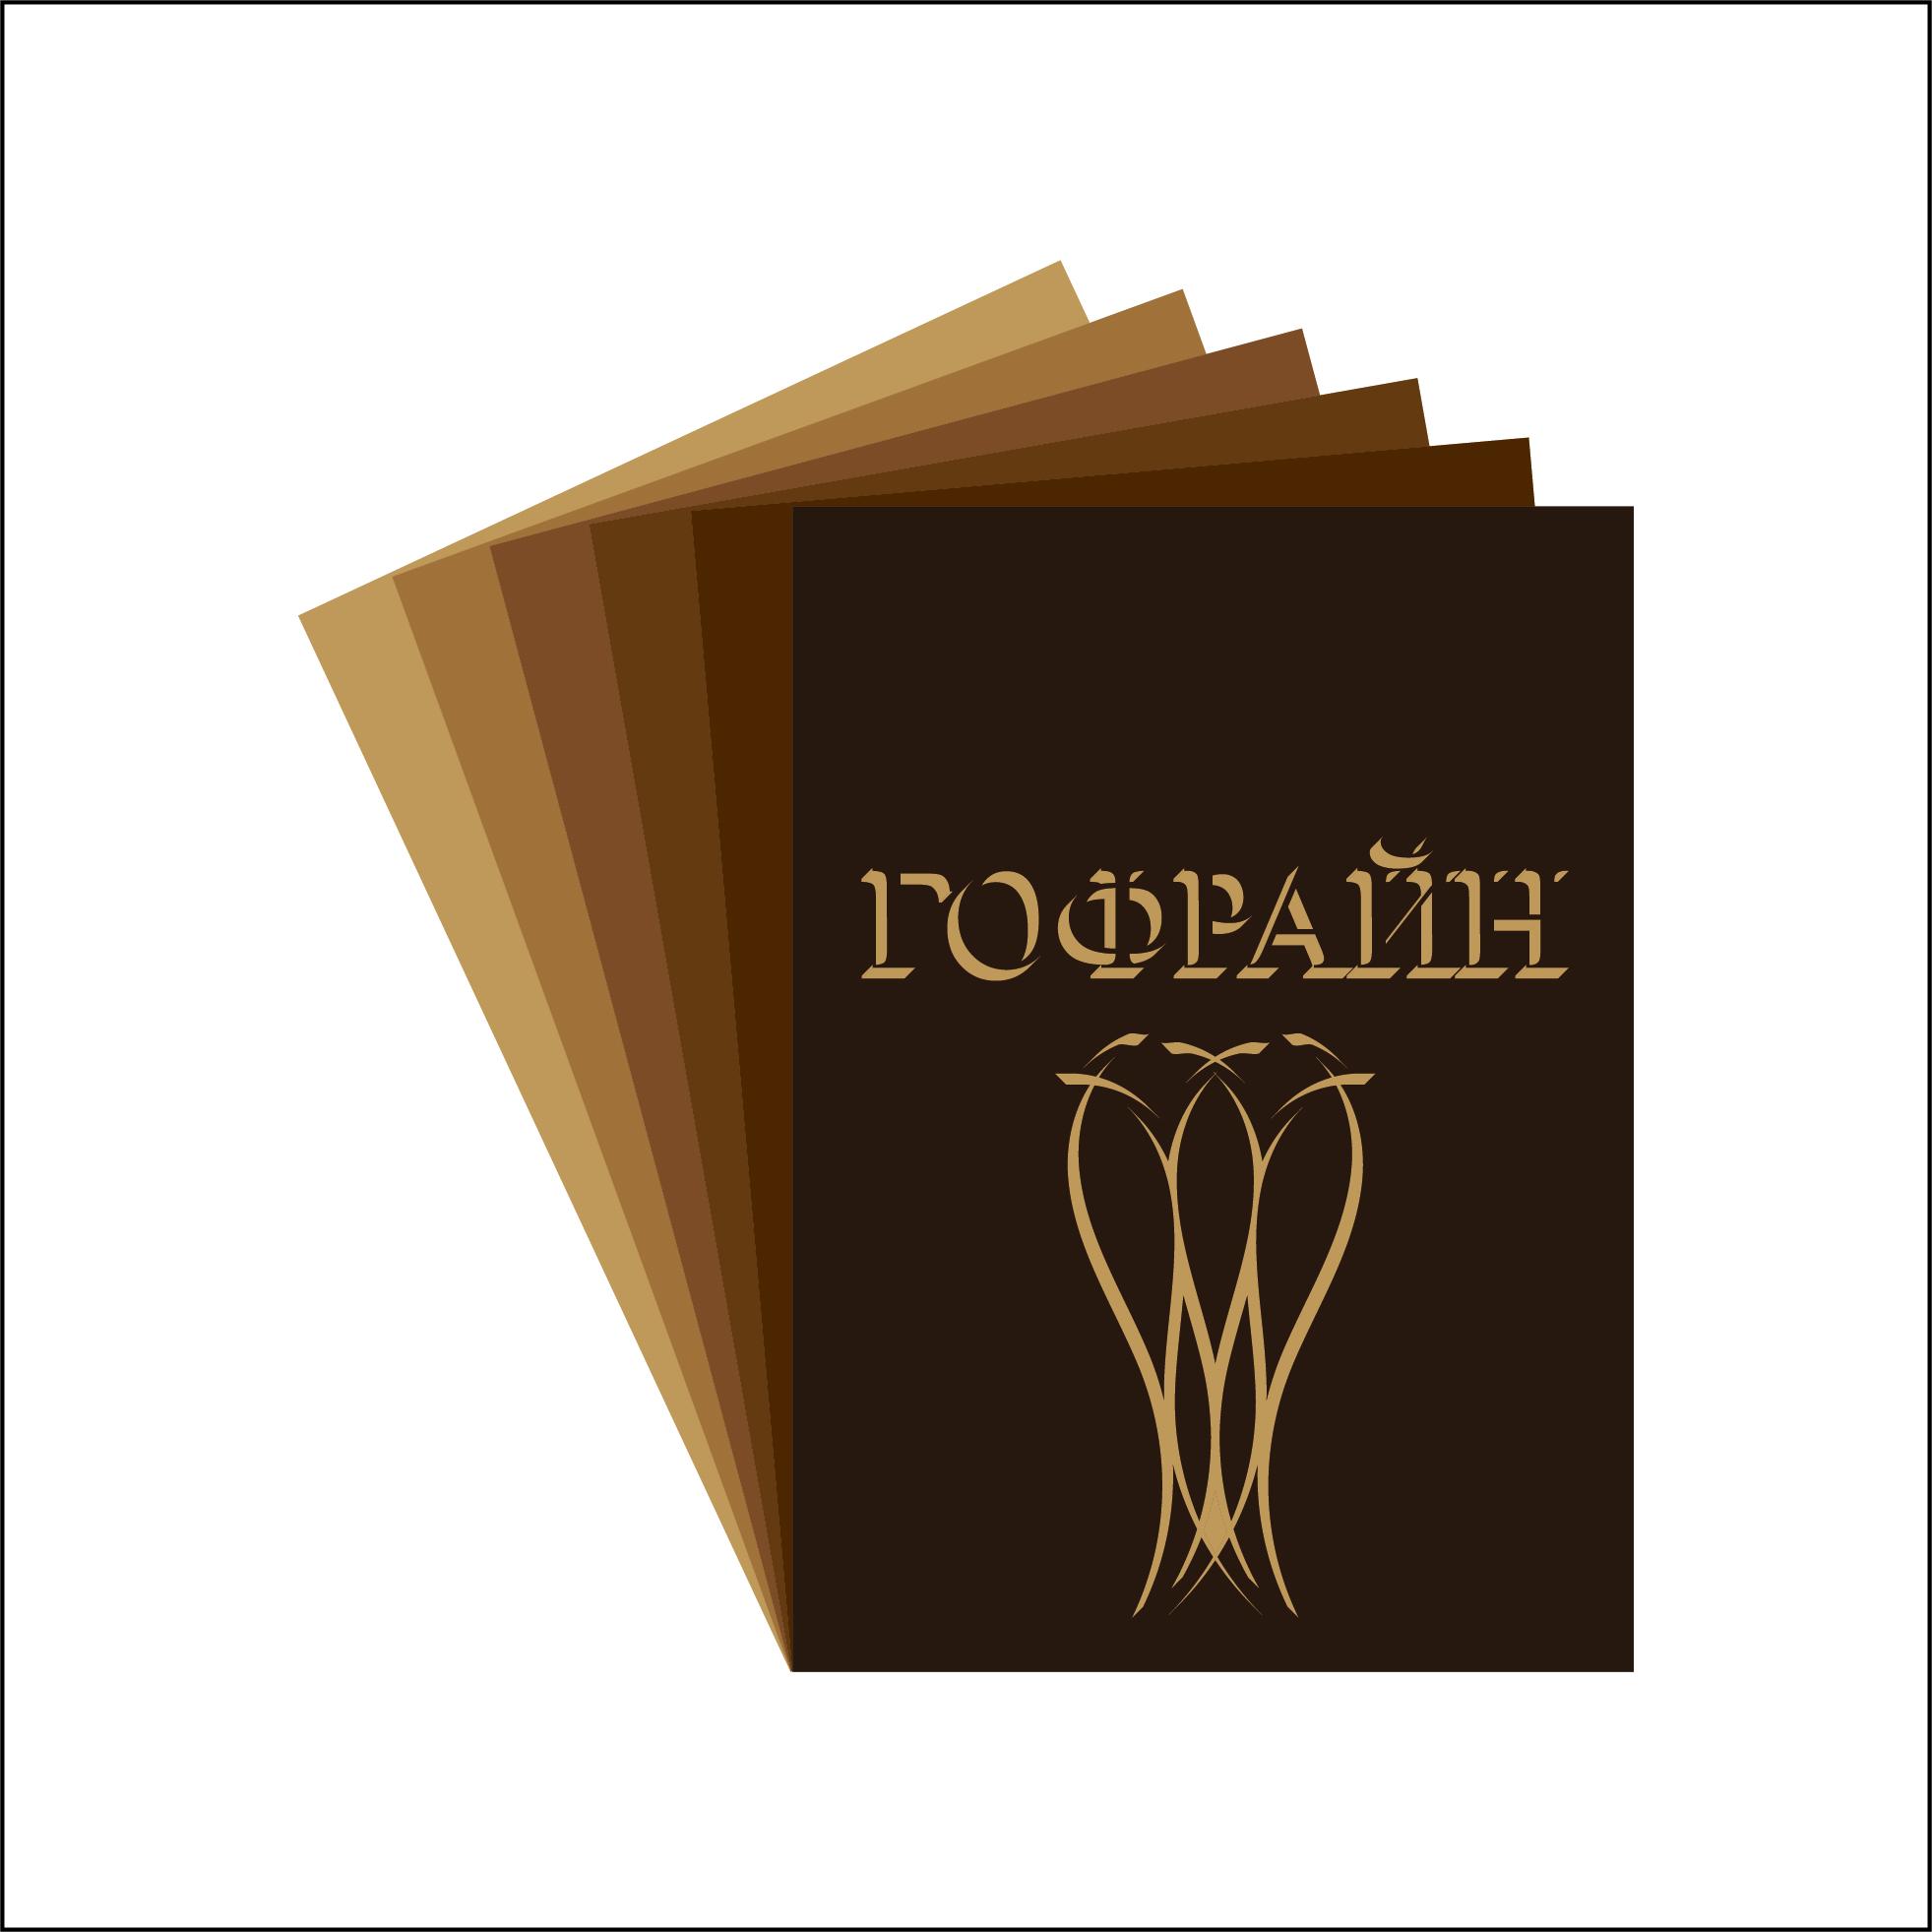 Логотип для компании по реализации упаковки из гофрокартона фото f_1595cdc4c8b66610.jpg